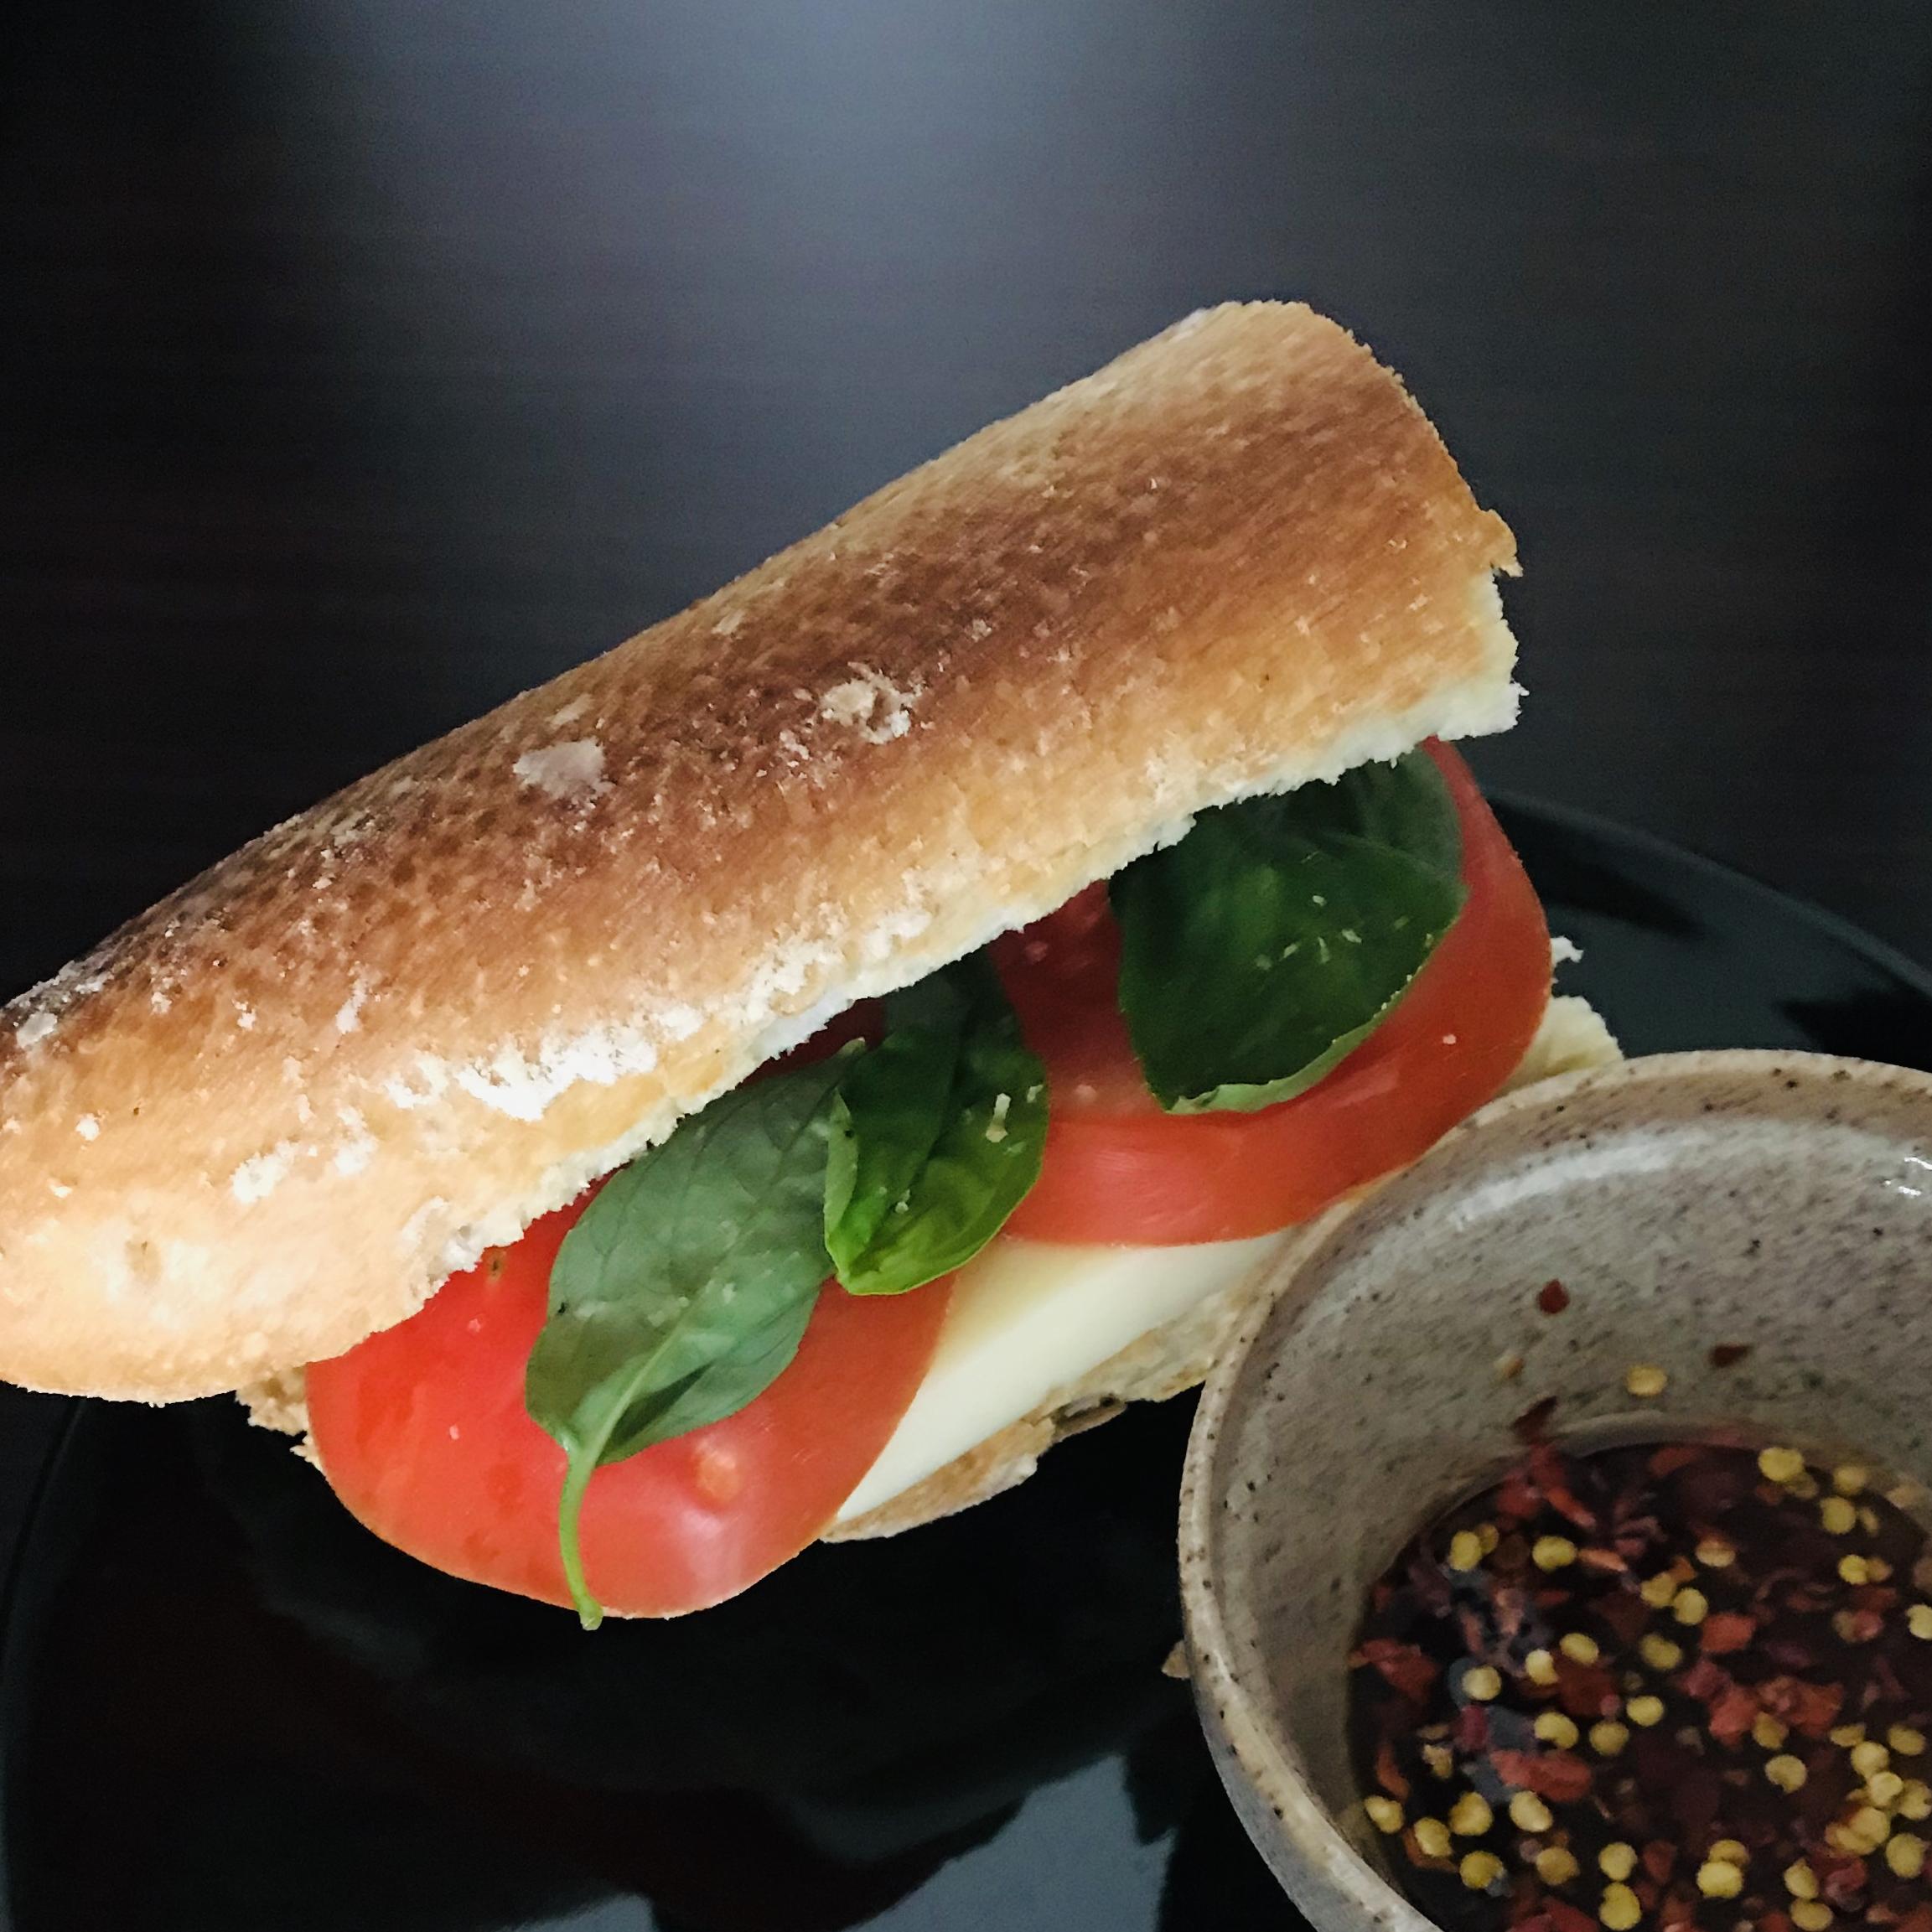 Basil, Tomato and Mozzarella Sandwich